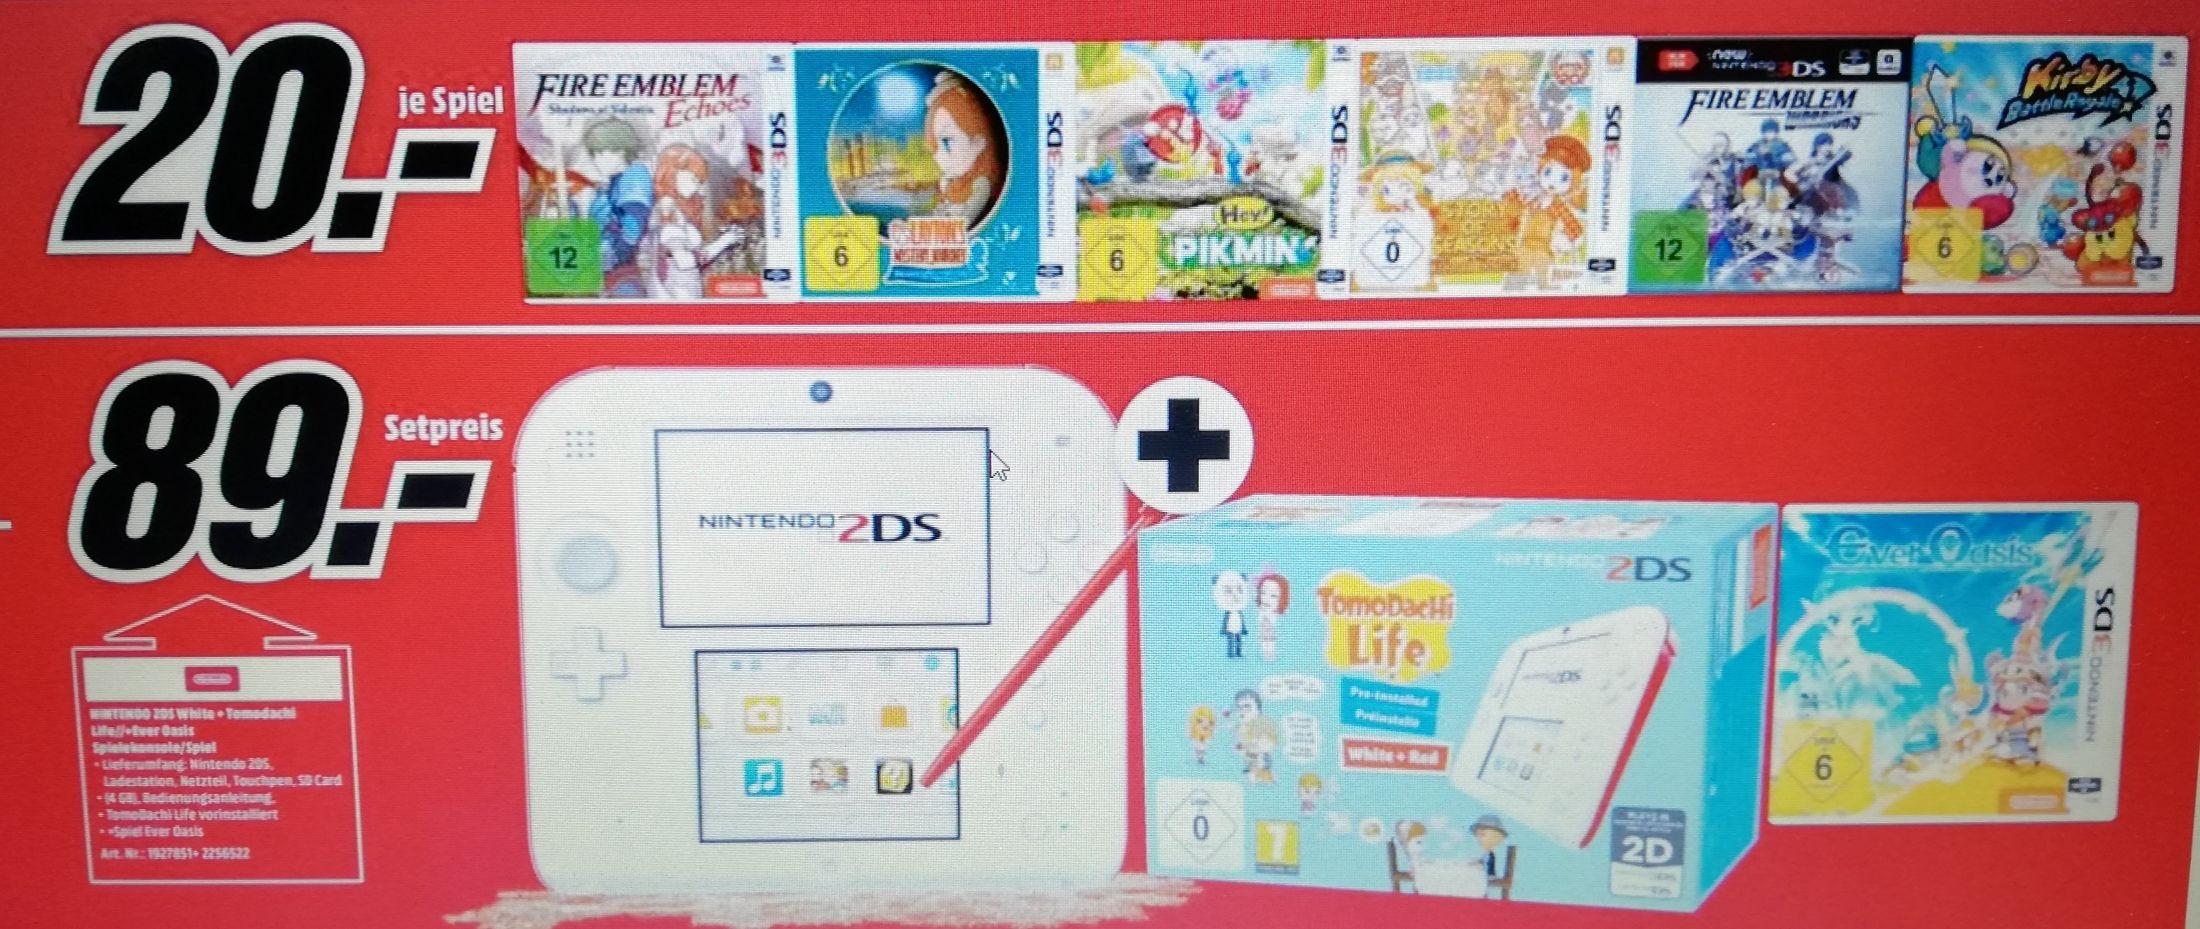 Nintendo 2DSweiß-rot + Tomodachi Life + Ever Oasis für 89€ & weitere 3ds Spiele für je 20€ [Lokal Mediamarkt Sulzbach]